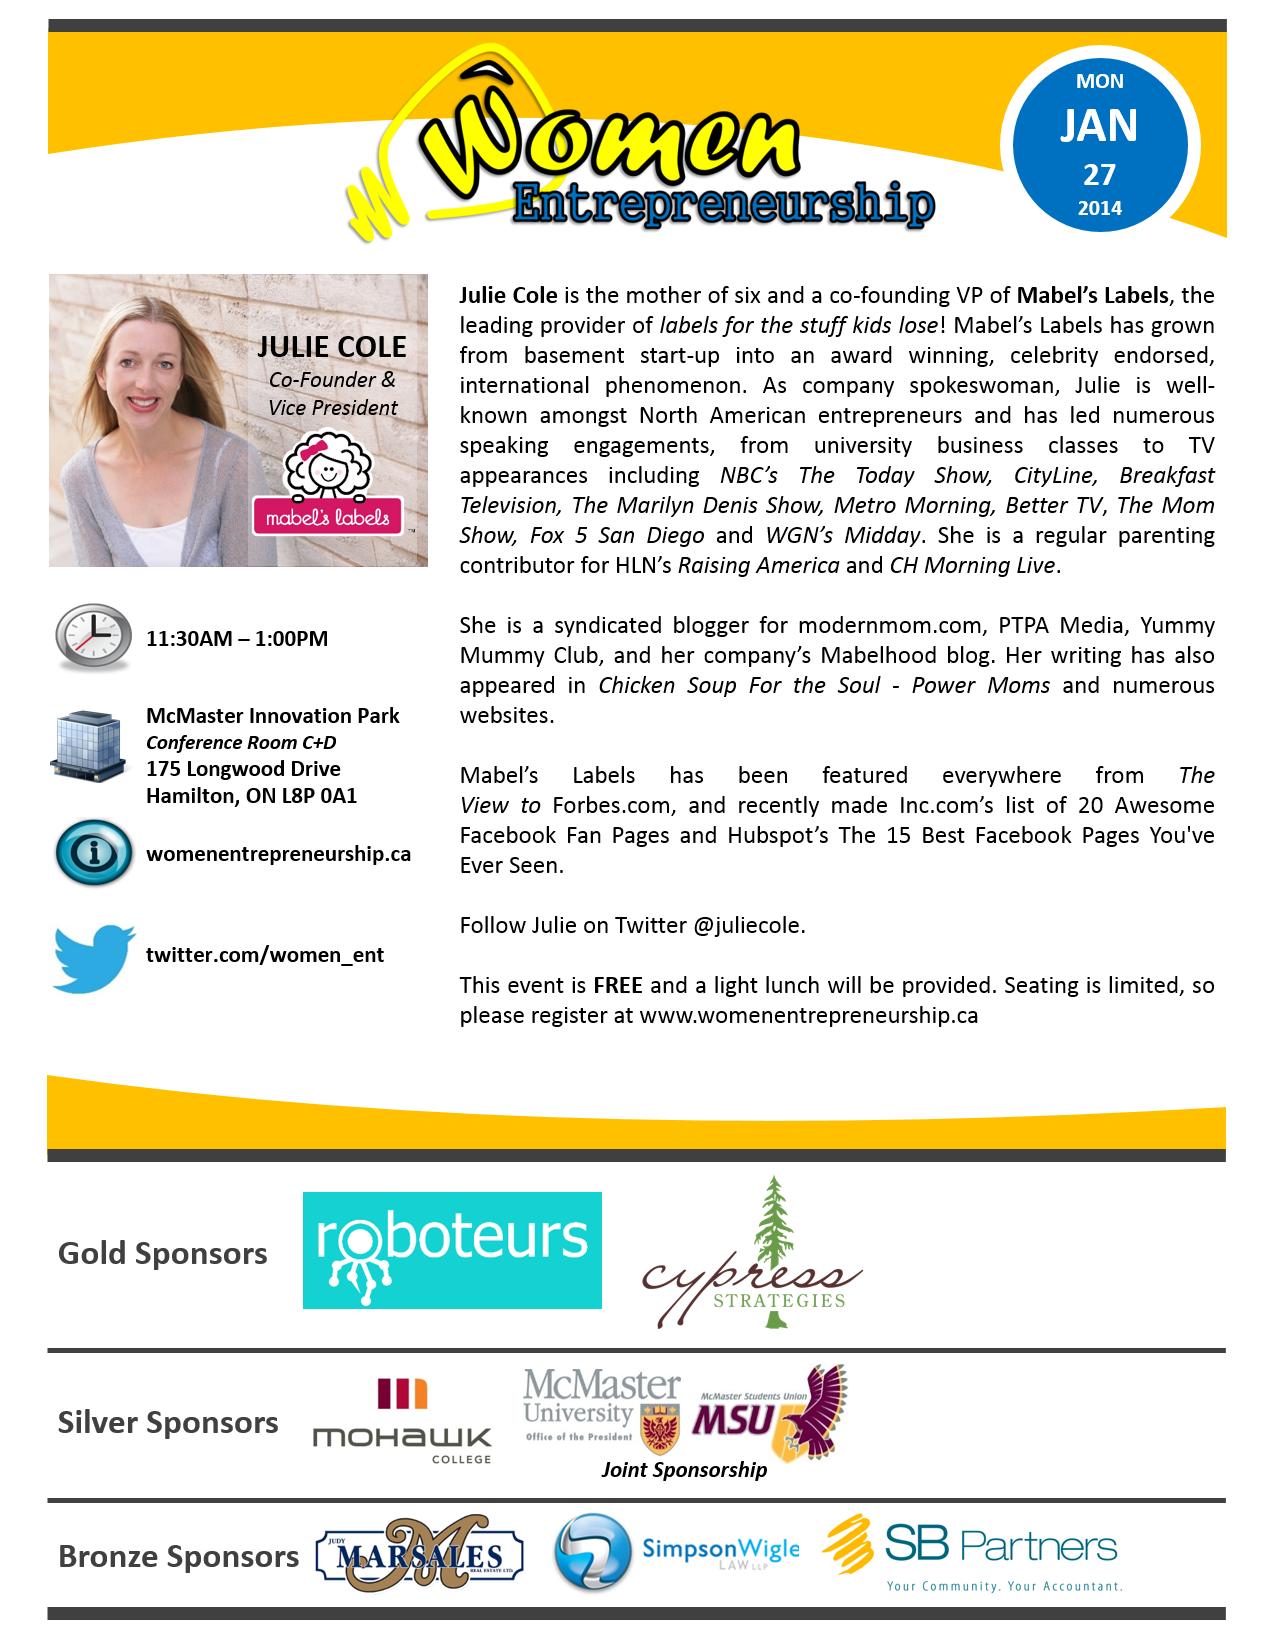 Women Entrepreneurship Flyer